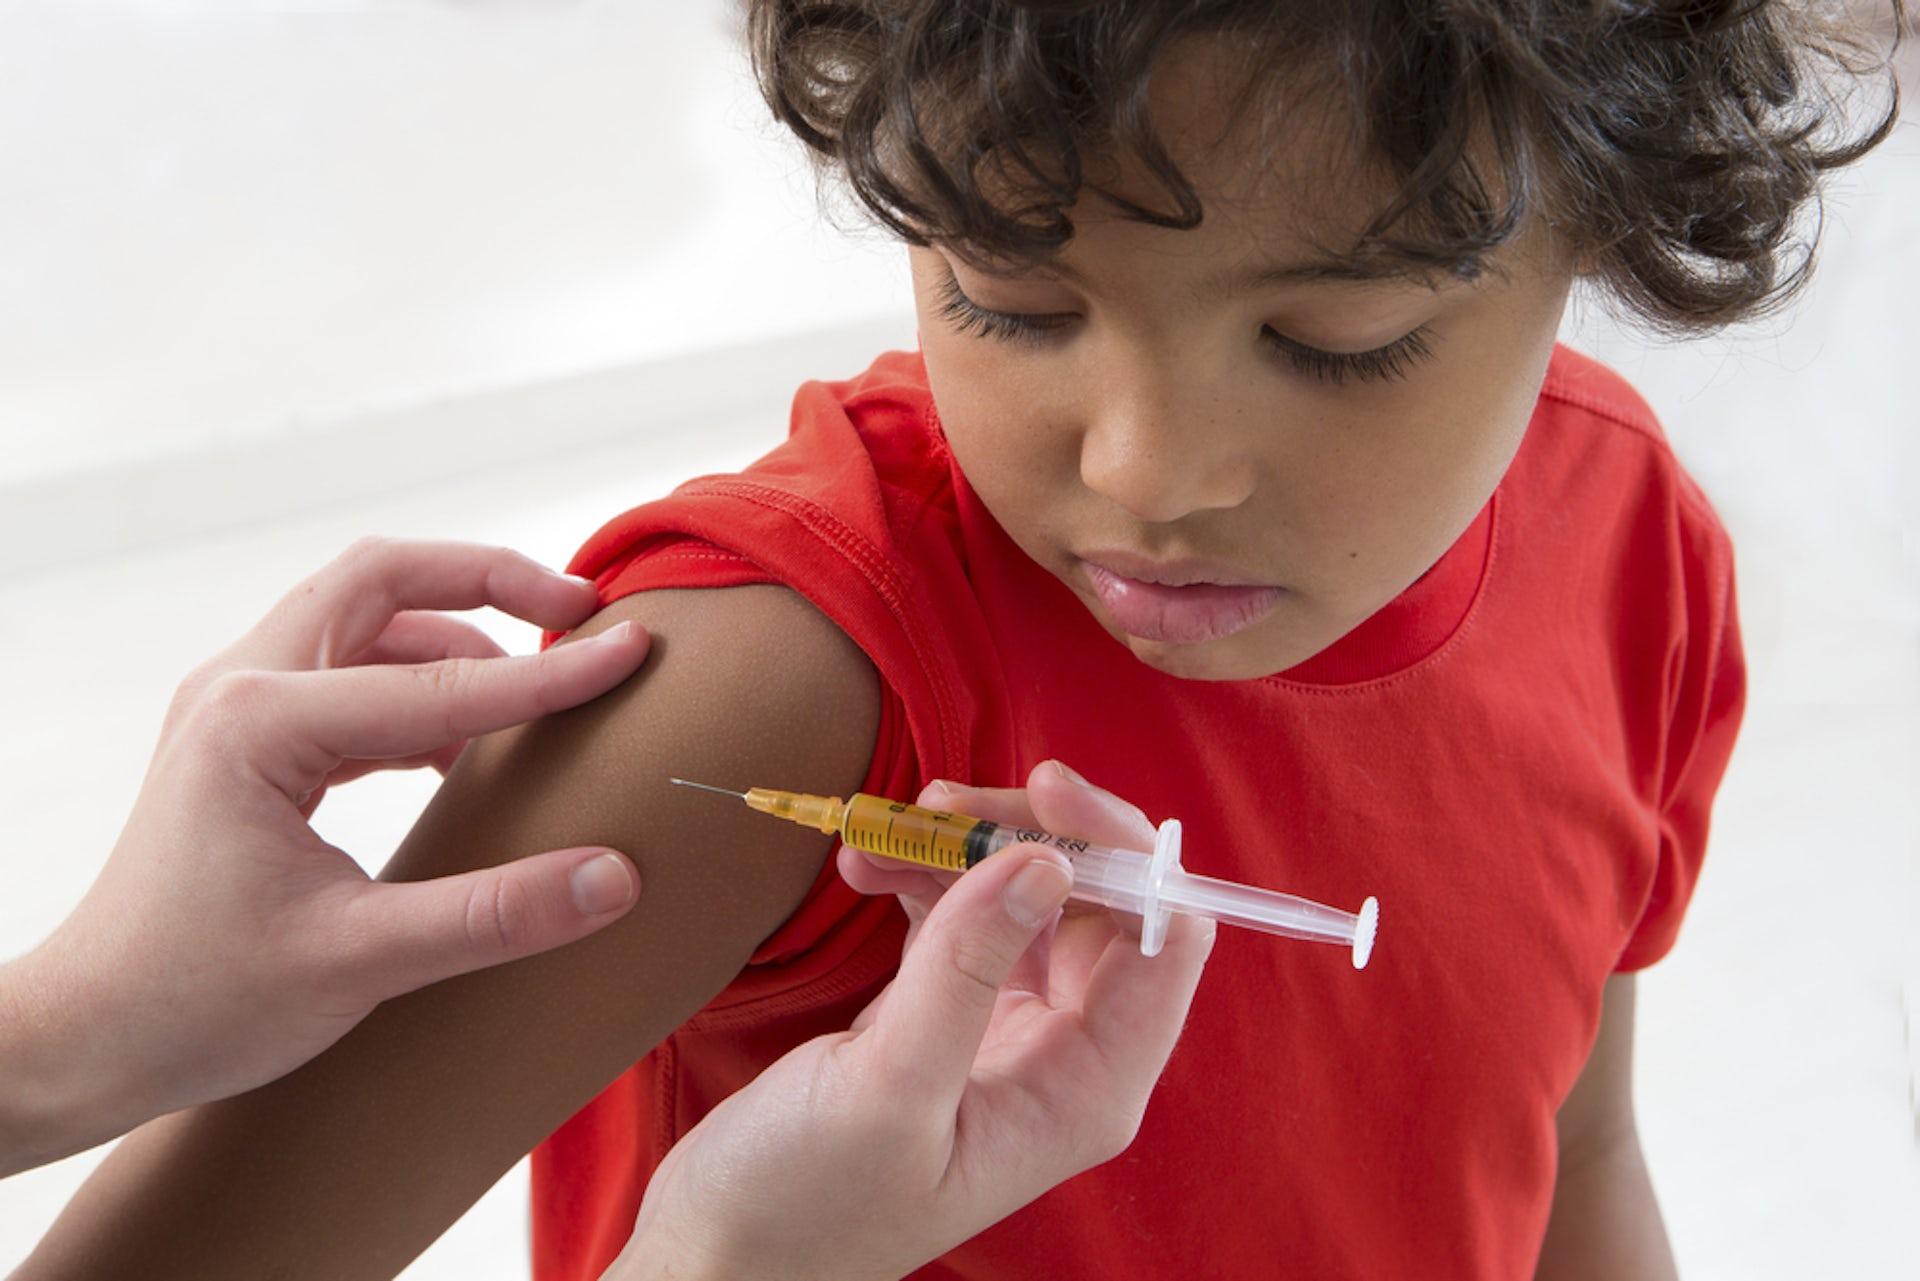 Le tiers des parents hésitent à faire vacciner leurs enfants : trois pistes pour les convaincre